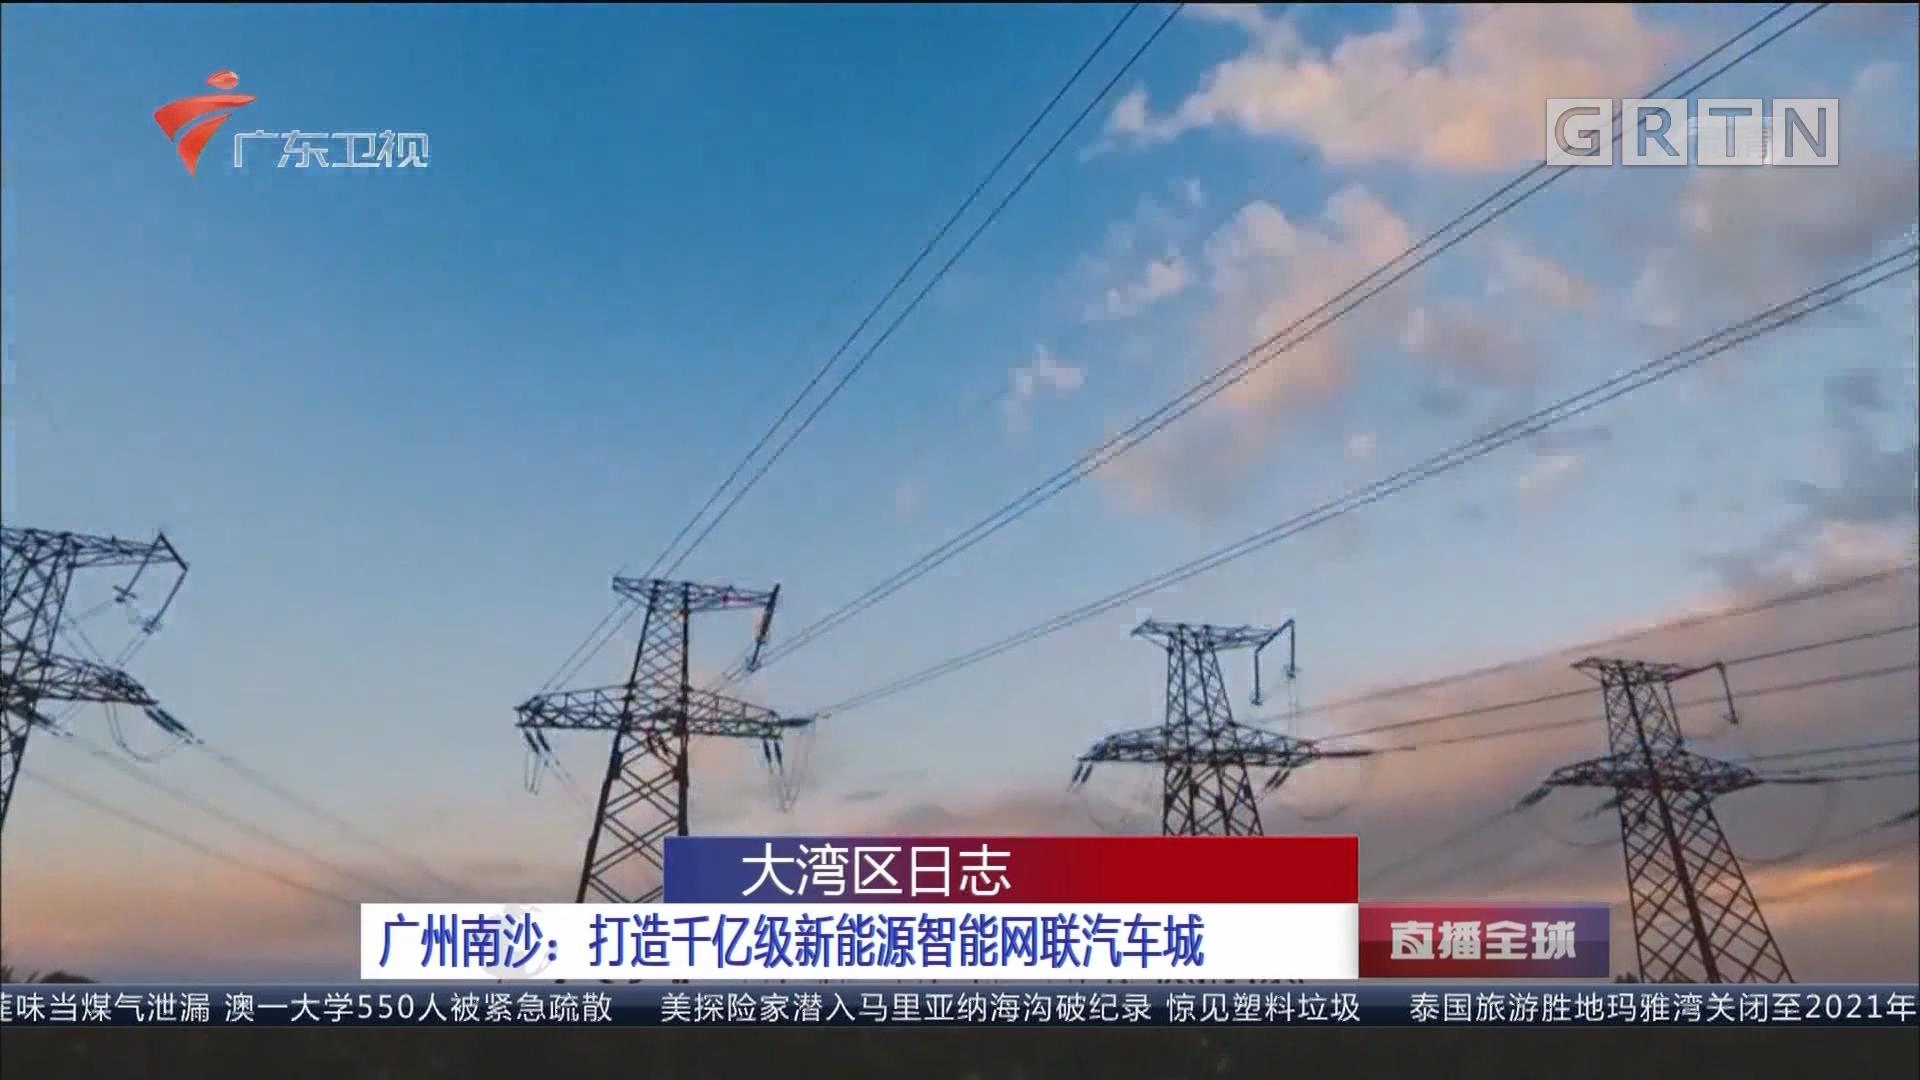 大湾区日志:广州南沙:打造千亿级新能源智能网联汽车城